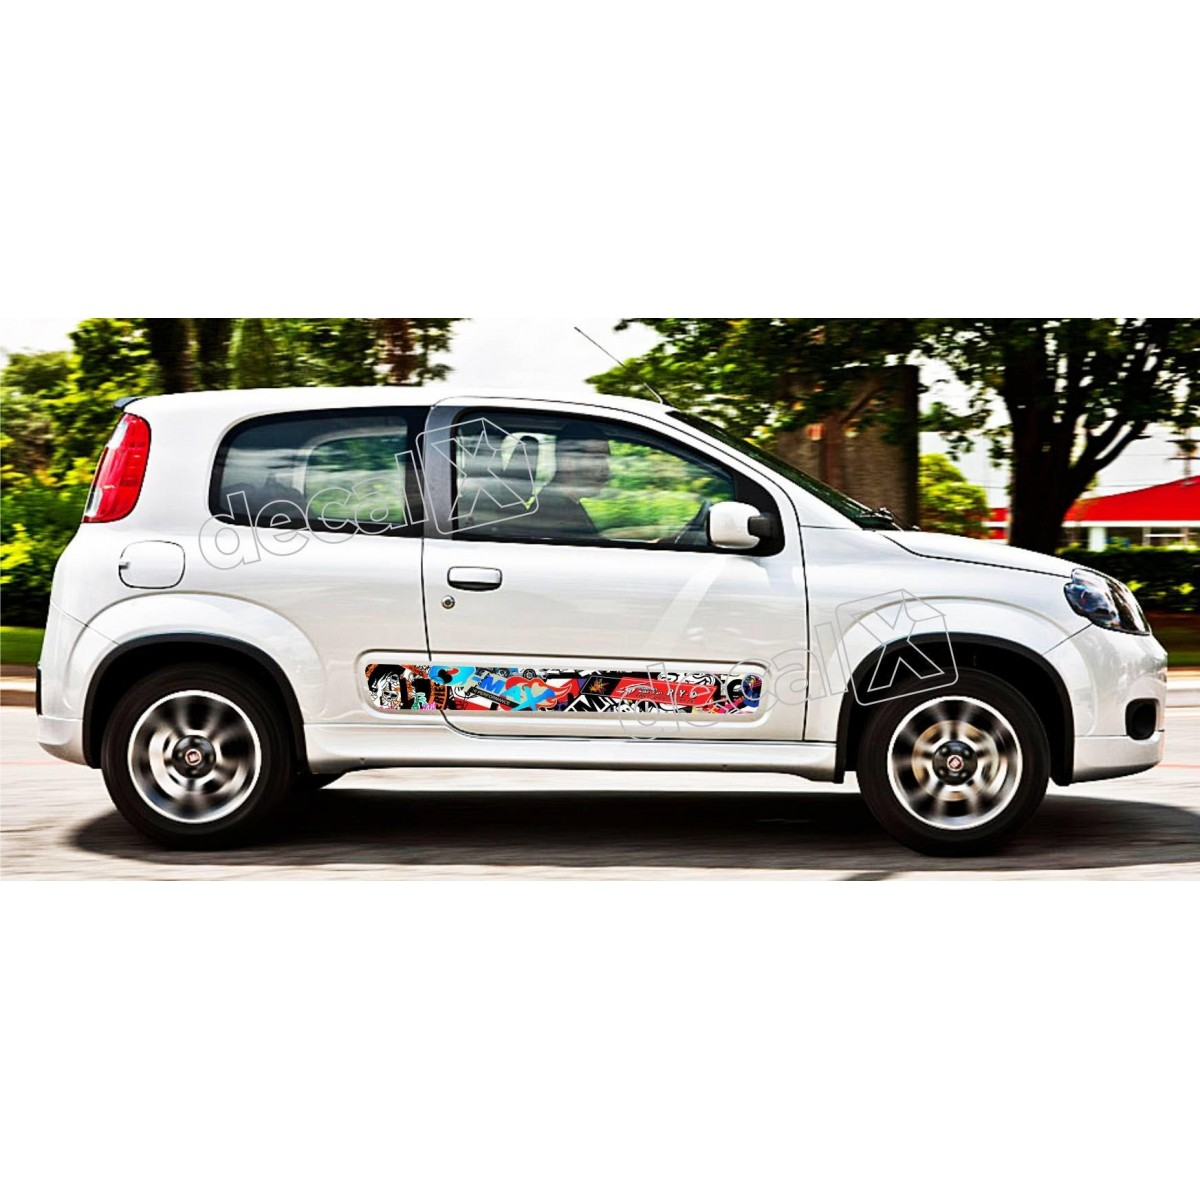 Adesivo Faixa Lateral Fiat Uno Personalizado Unoa3